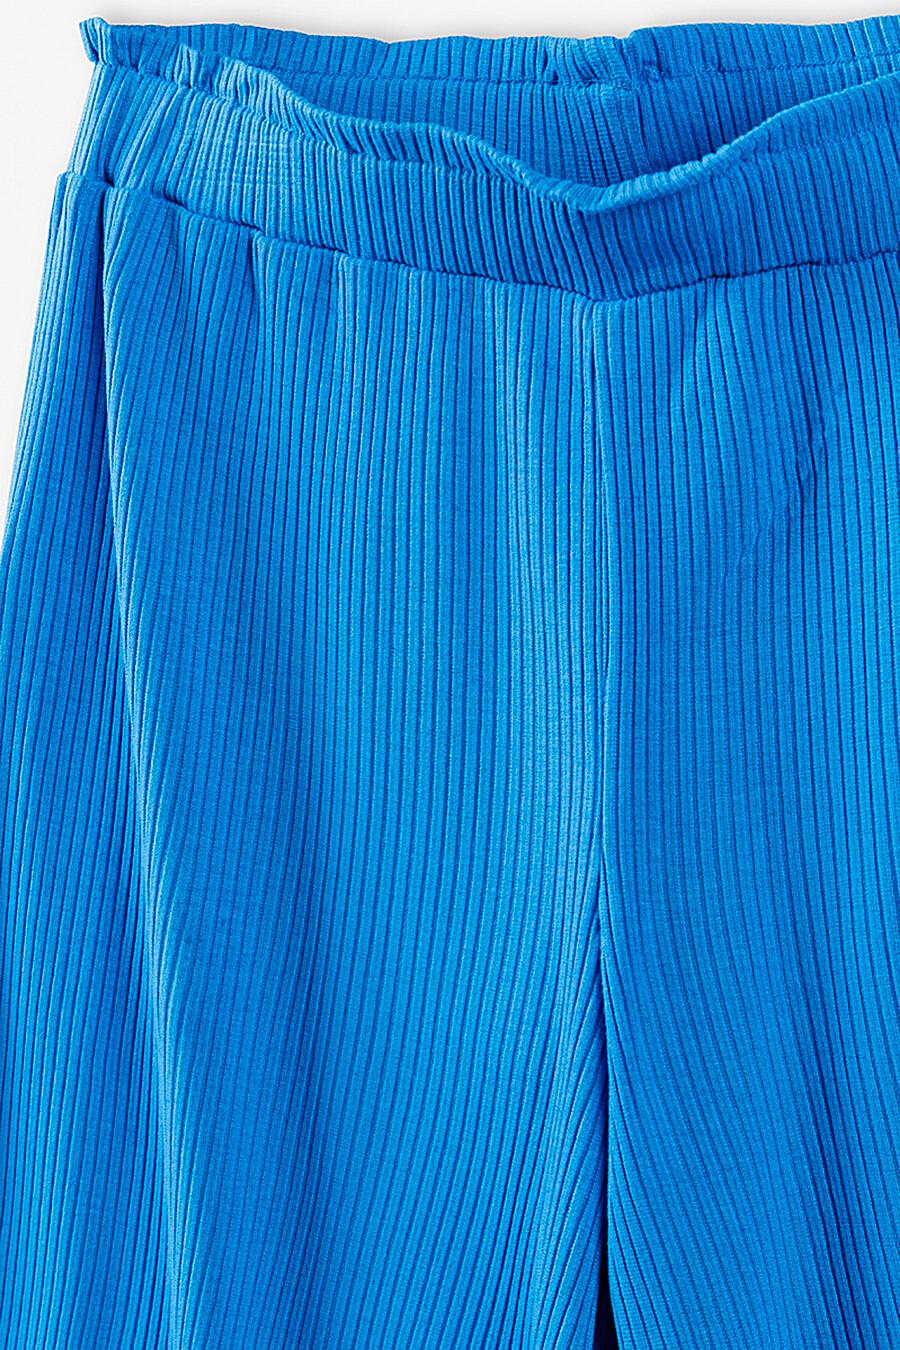 Брюки для девочек 5.10.15 668450 купить оптом от производителя. Совместная покупка детской одежды в OptMoyo